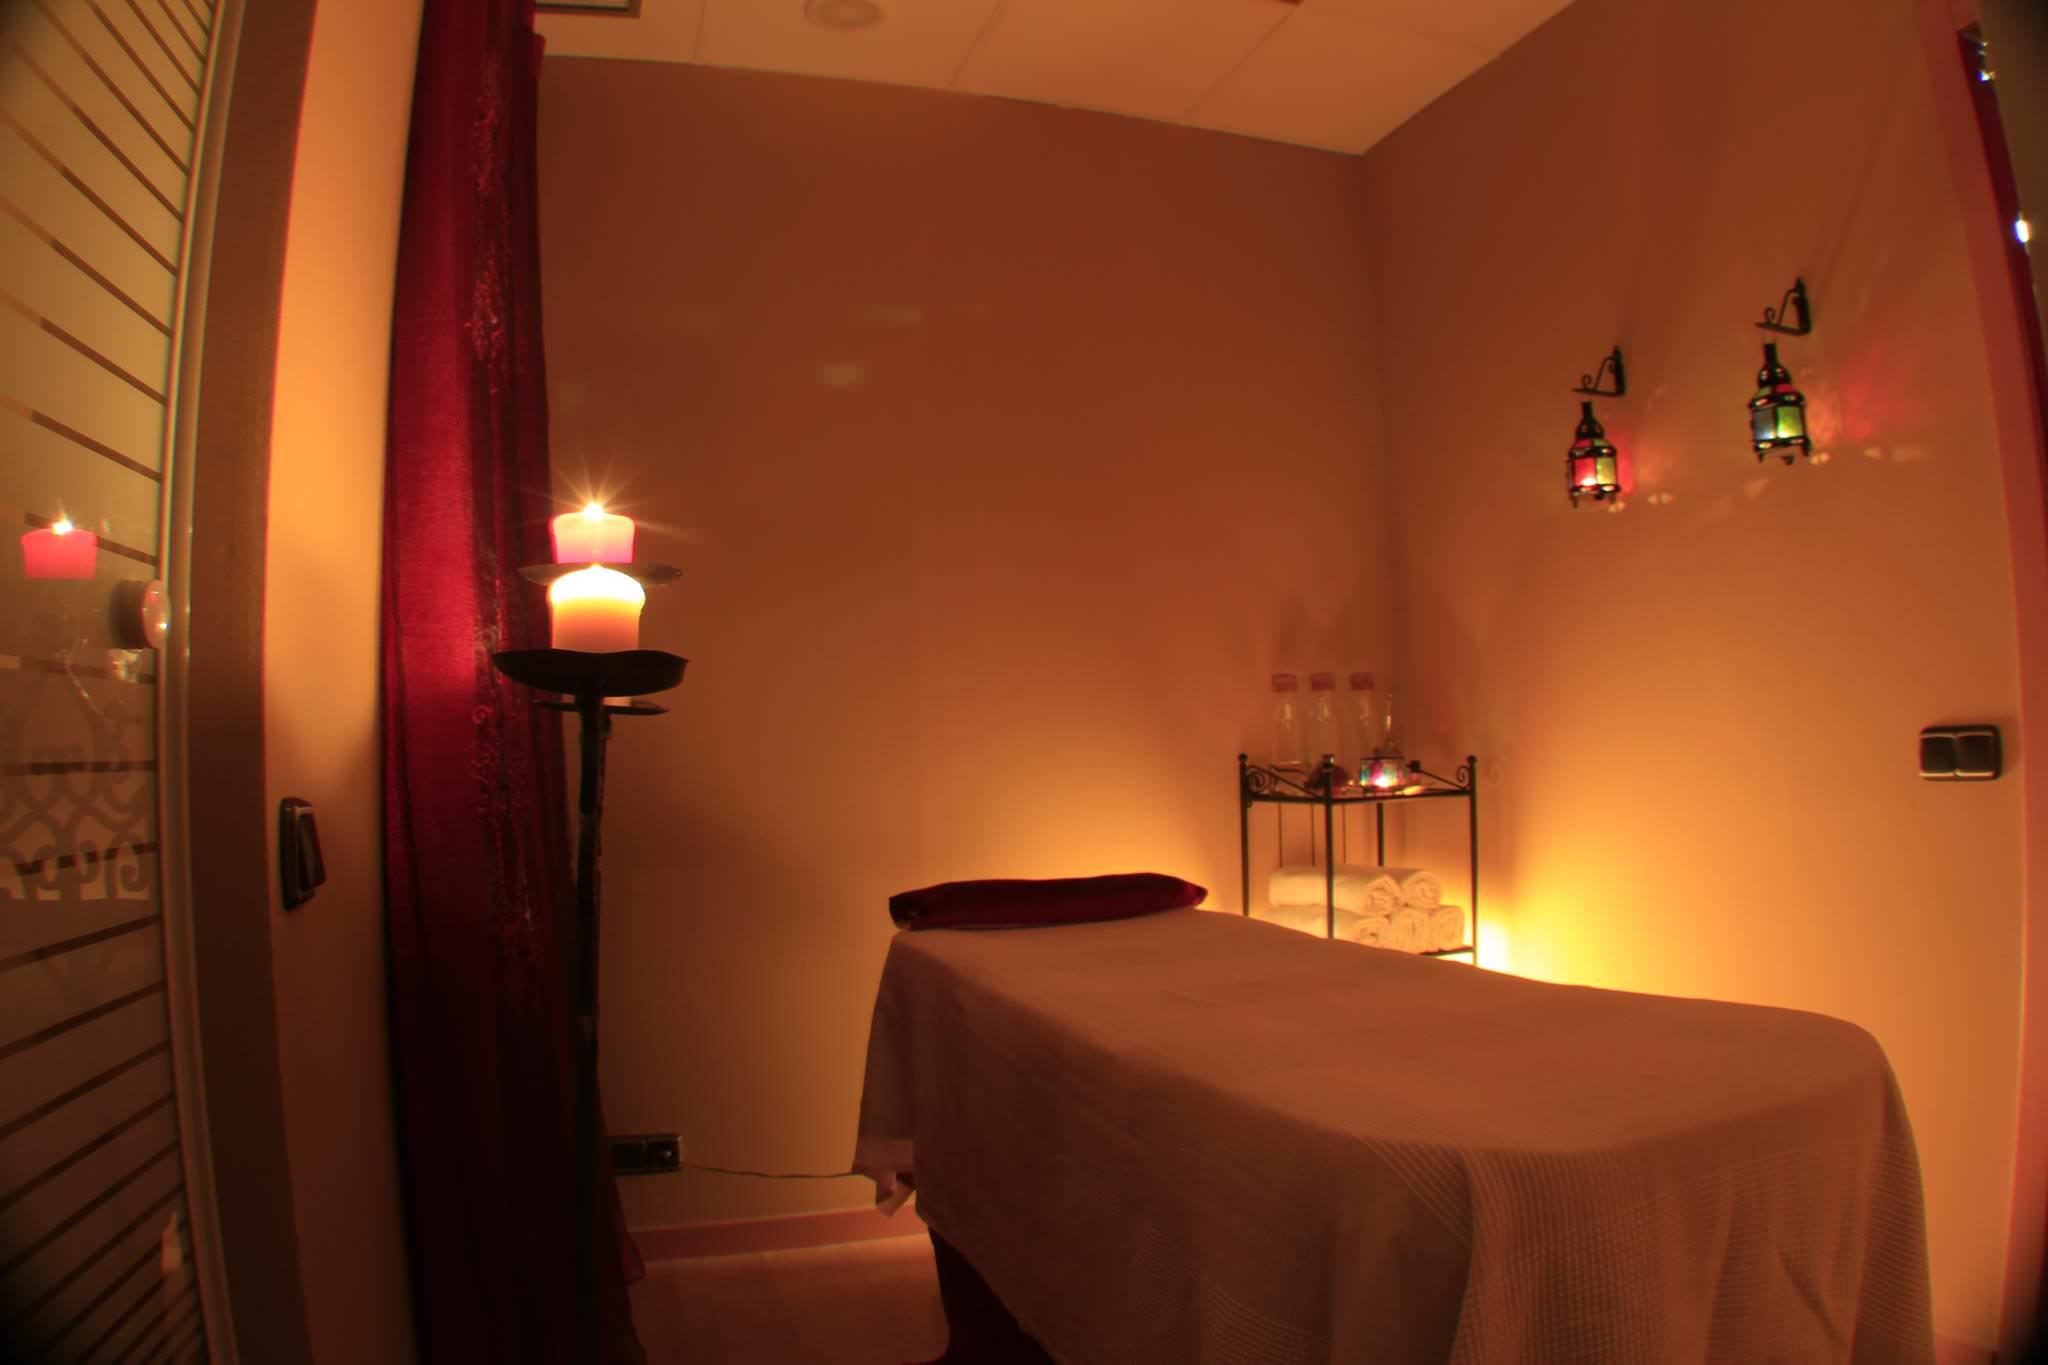 día sala de masaje voyeur